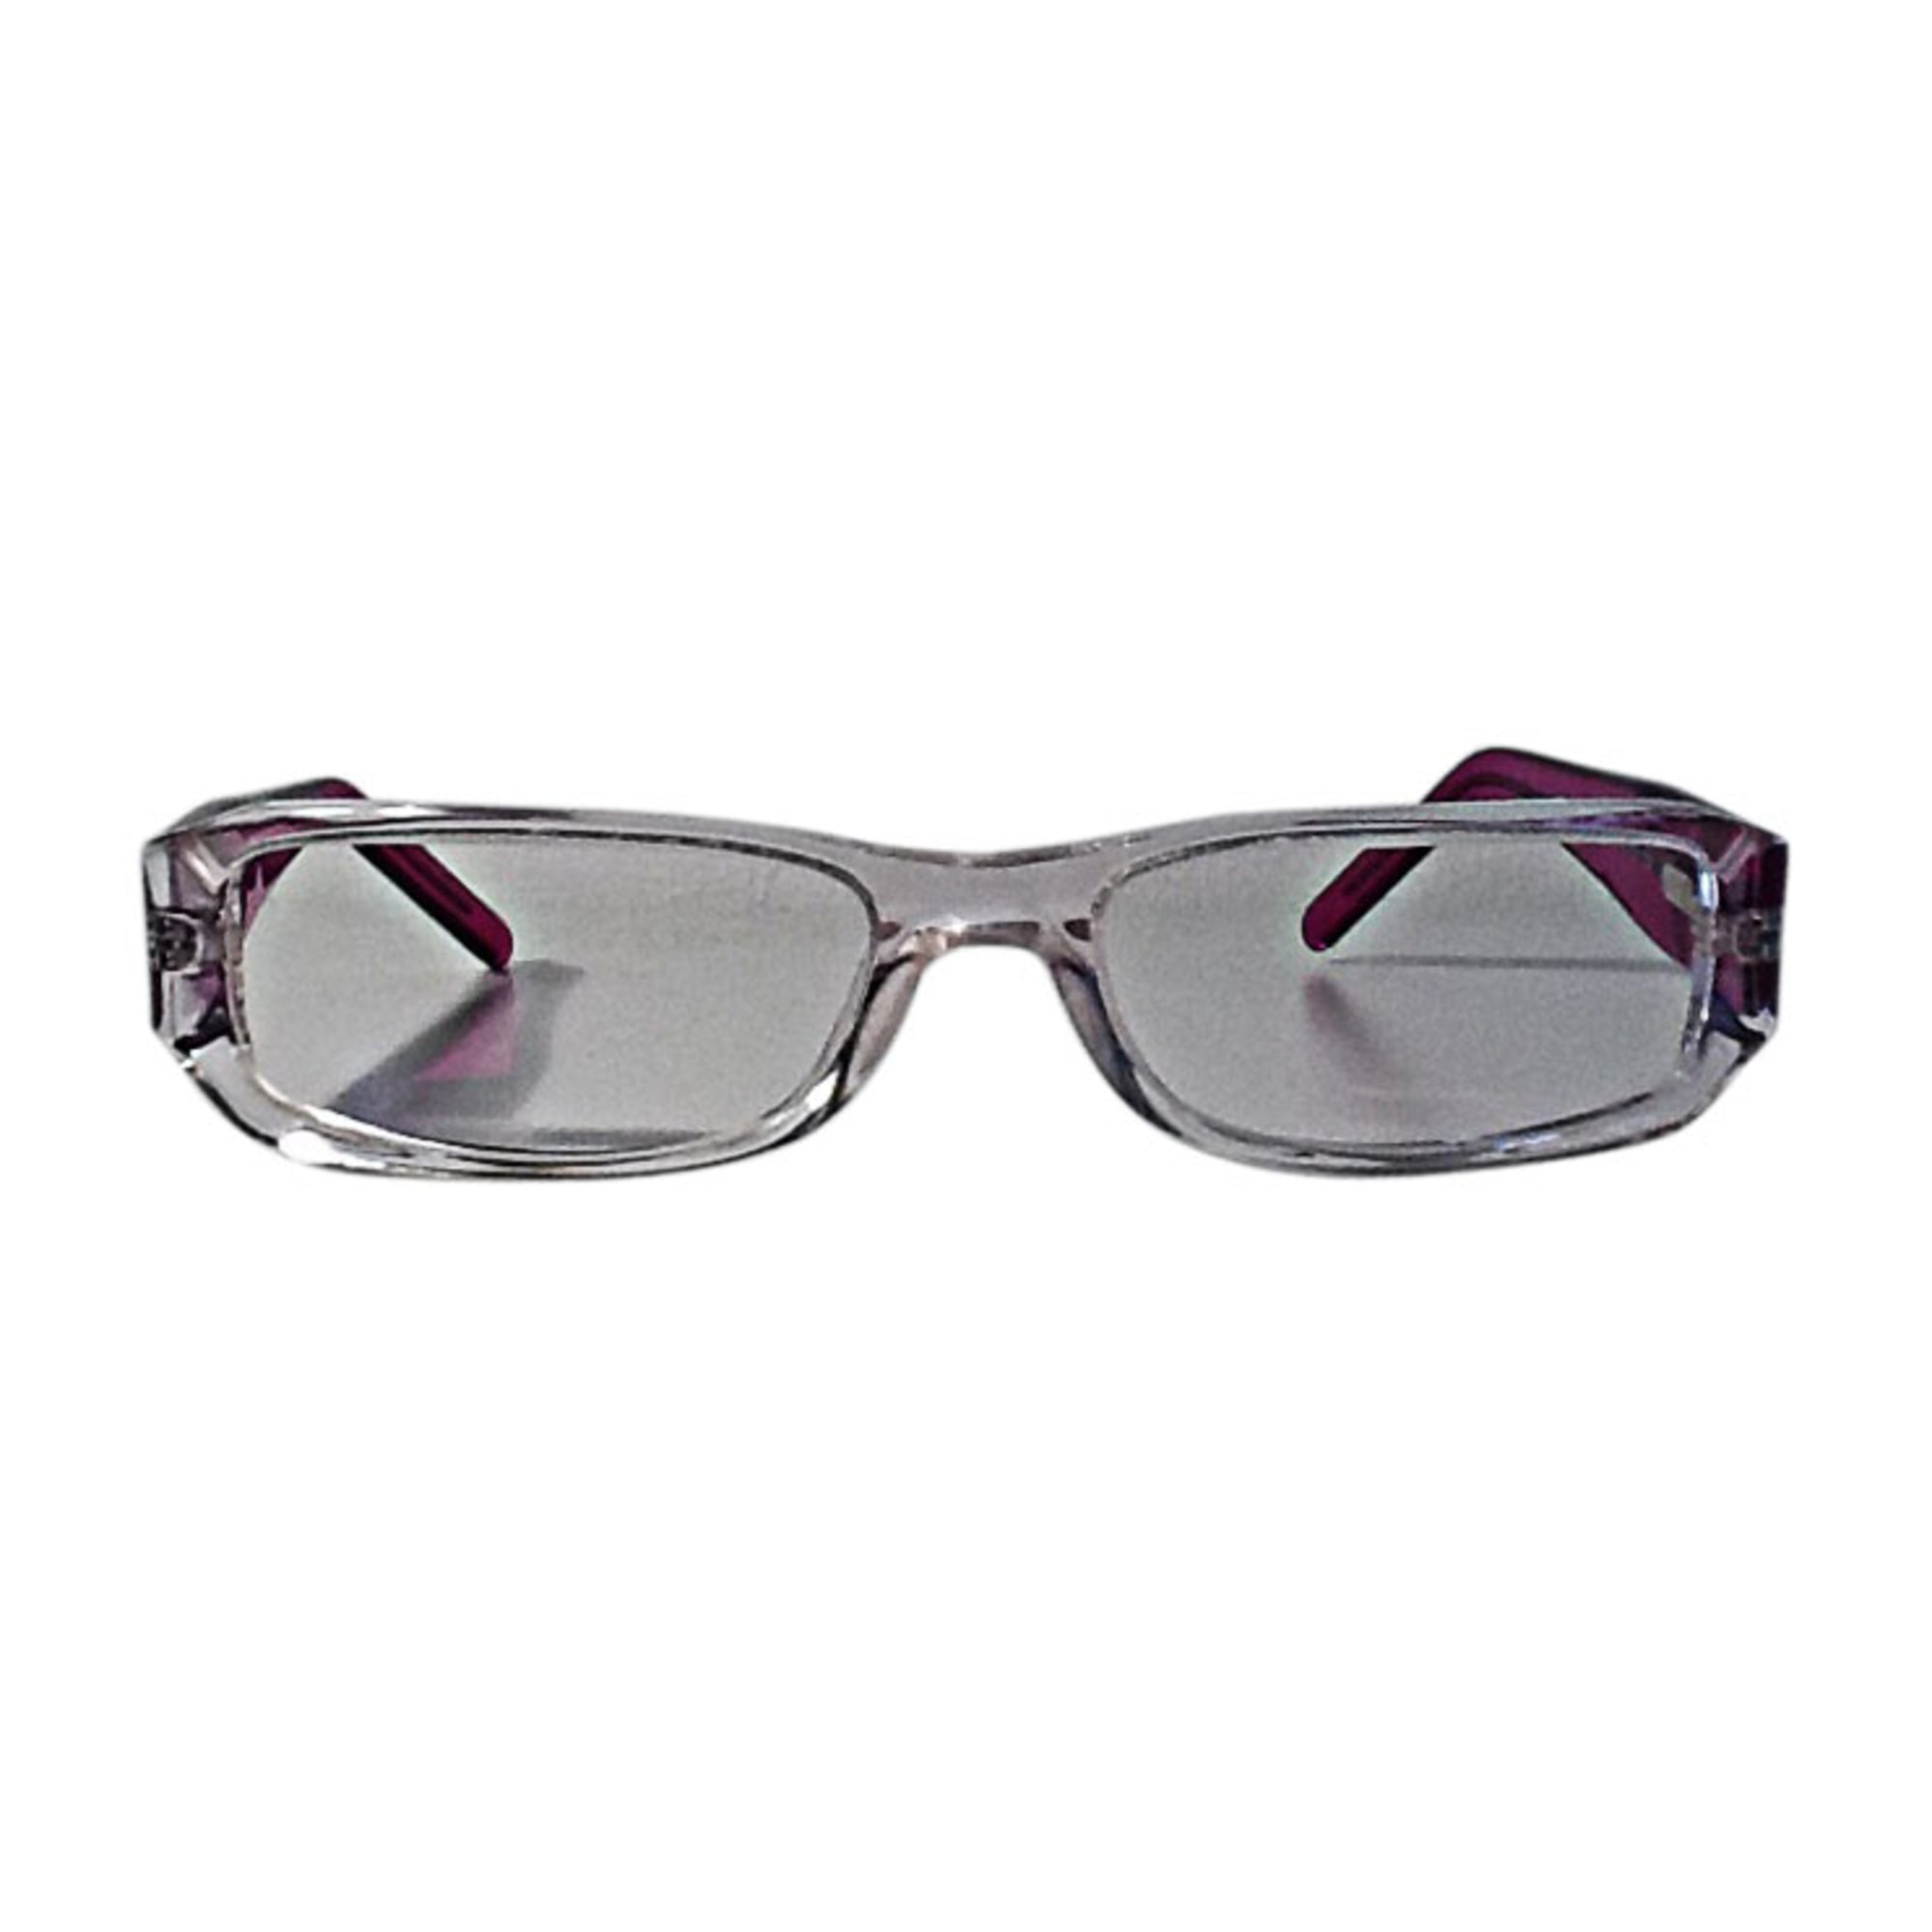 Eyeglass Frames D&G pink - 955480